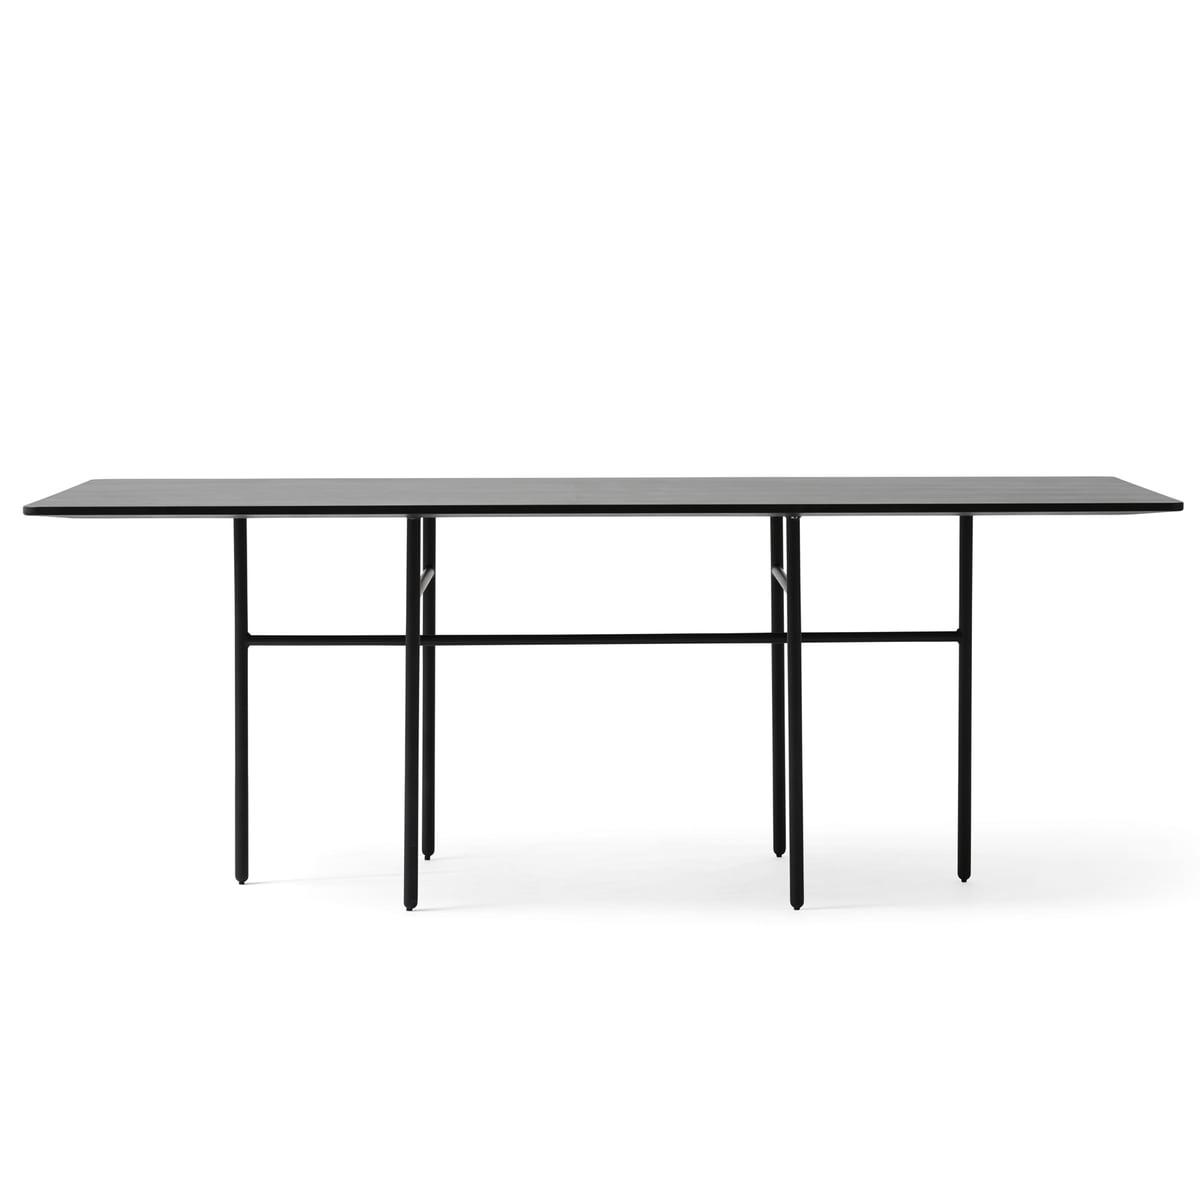 Snaregade Tisch von Menu im Shop kaufen